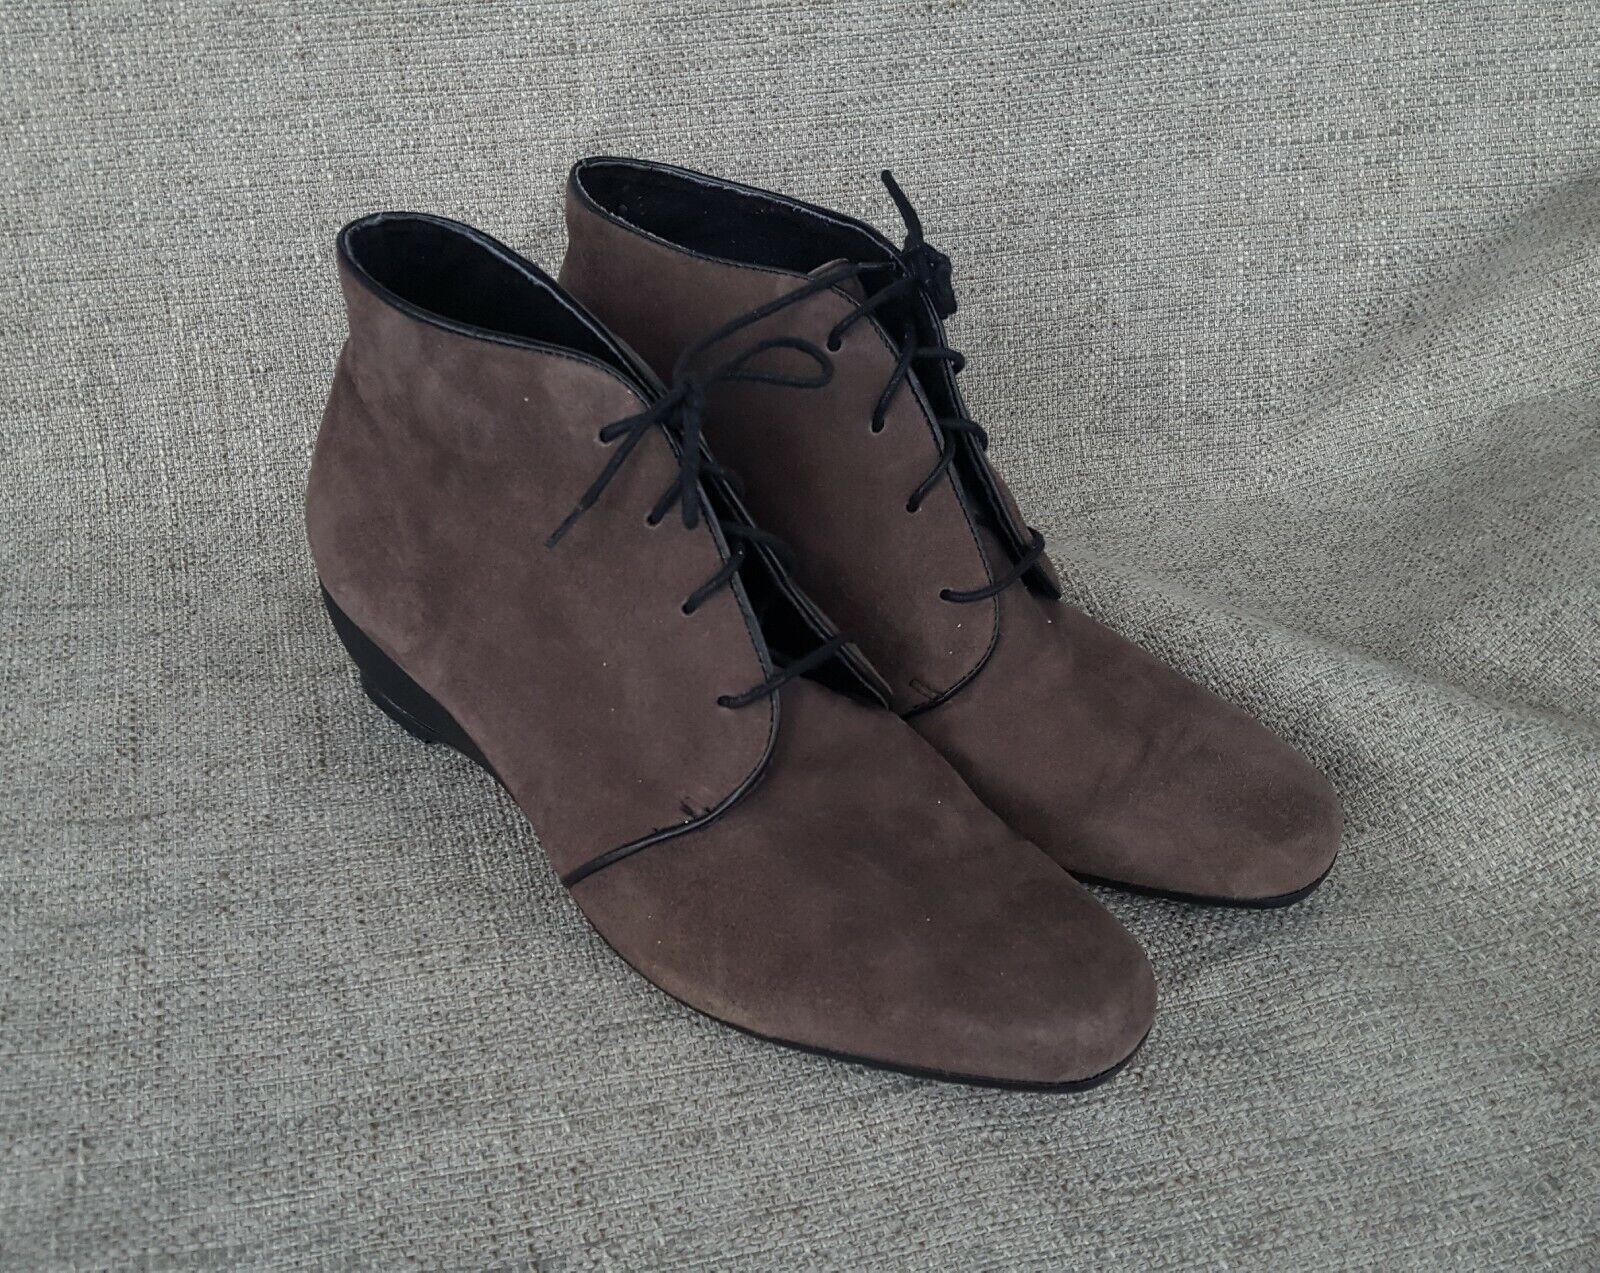 MUNRO Kara Kara Kara bspringaaa Nubuck Ankle Lace -up Booslips 11M  njuter av din shopping